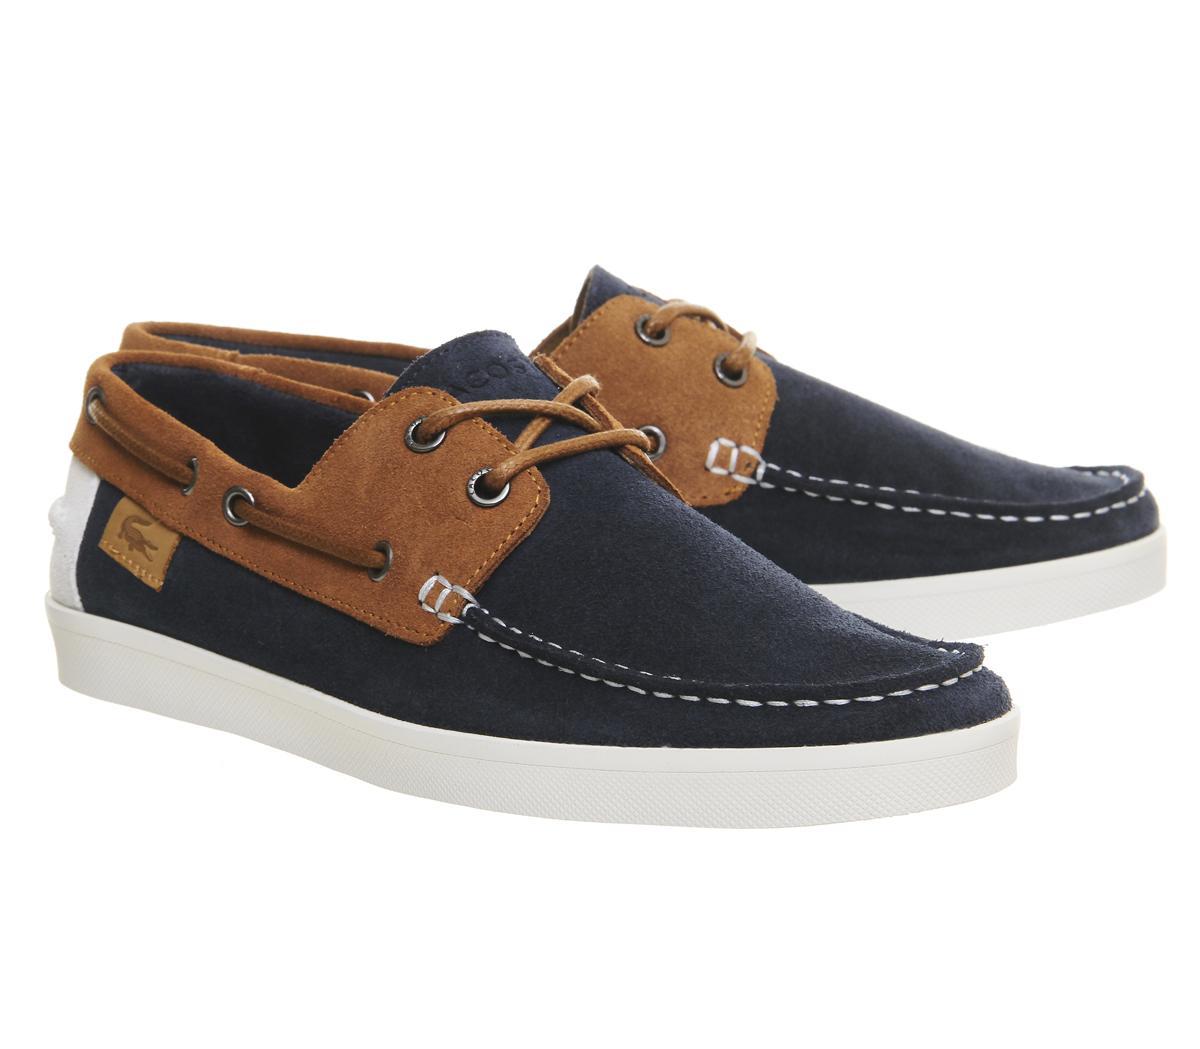 Lacoste Boat Shoes Australia